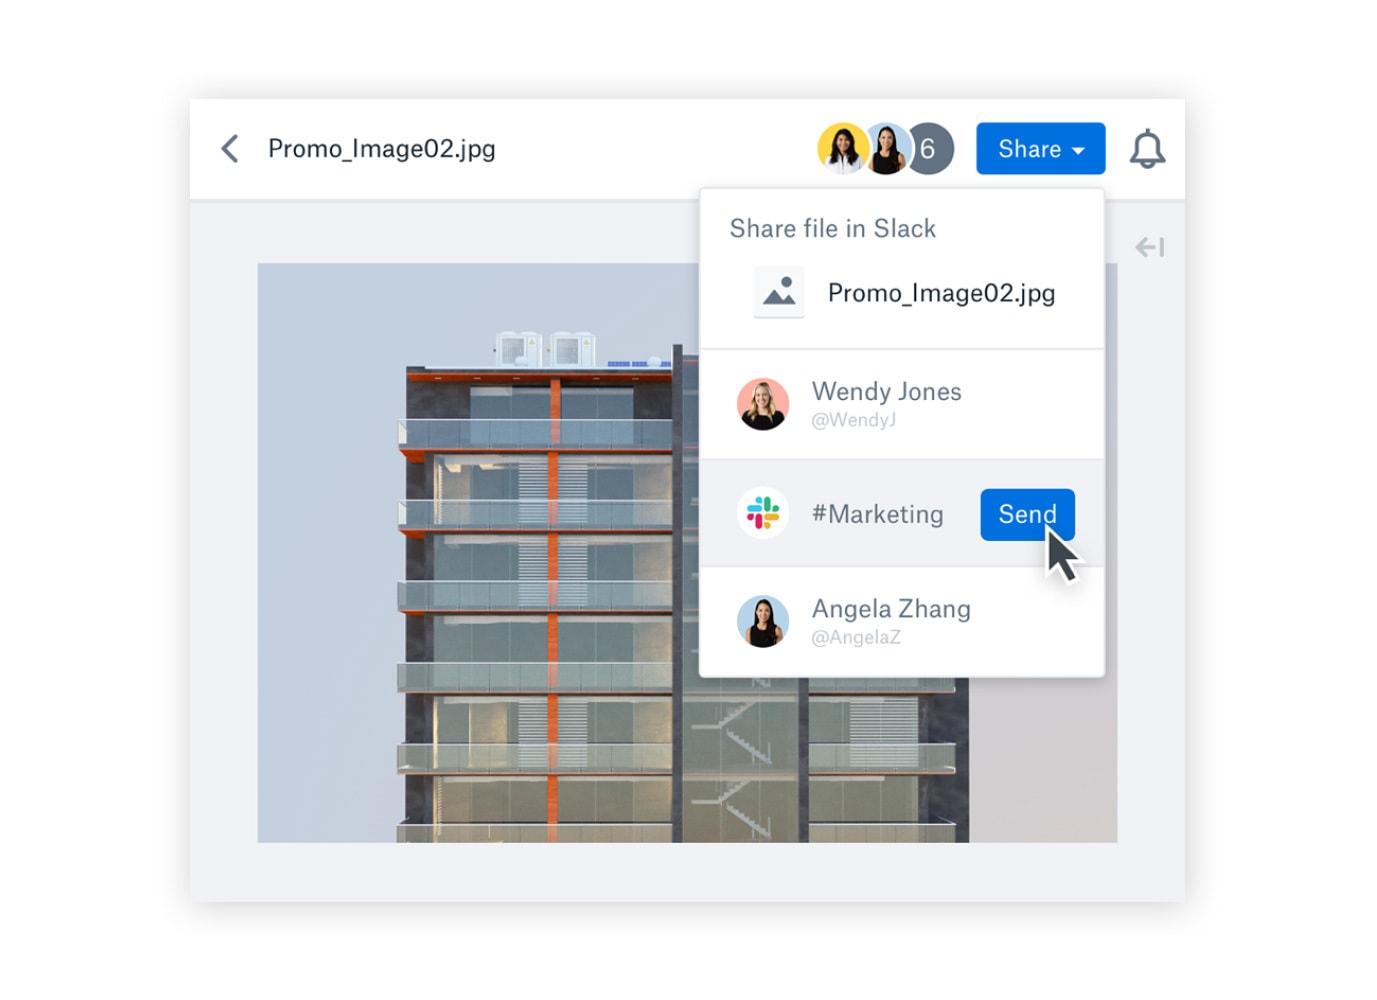 Share a Dropbox file in Slack